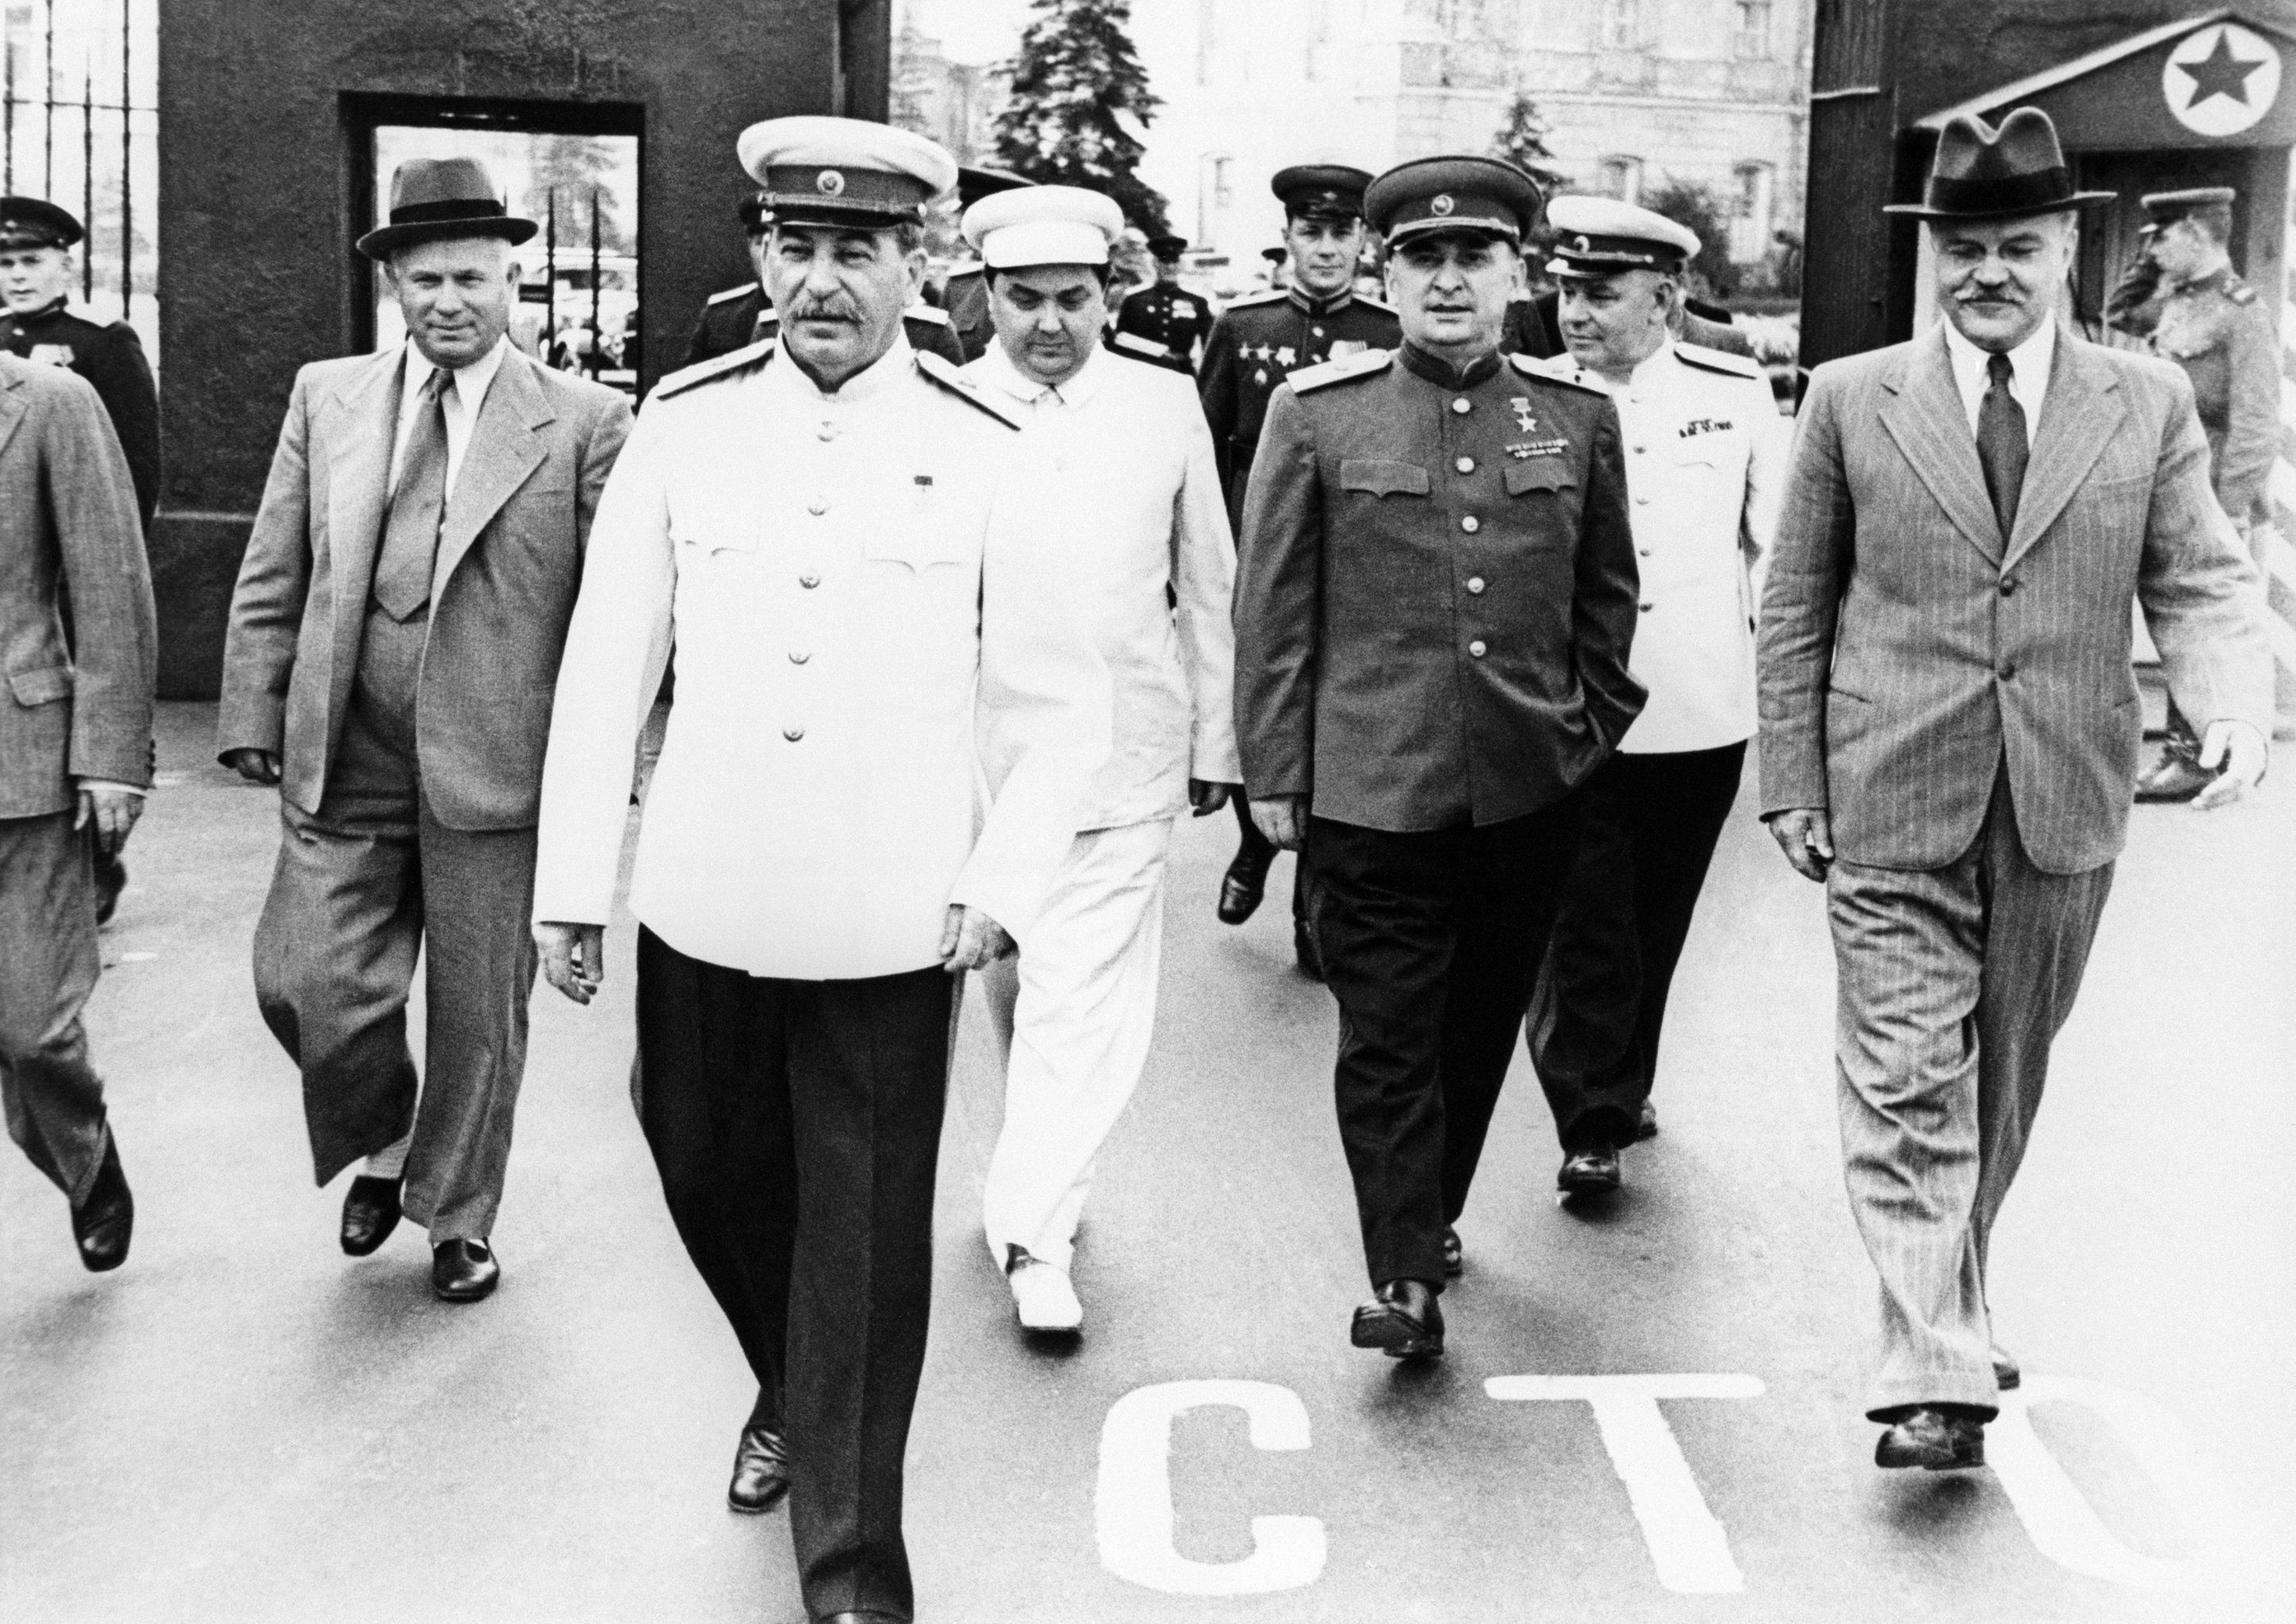 Nikita Khruschev, Josef Stalin, Georgy Malenkov, Lavrenty Beriya, Vyacheslav Molotov